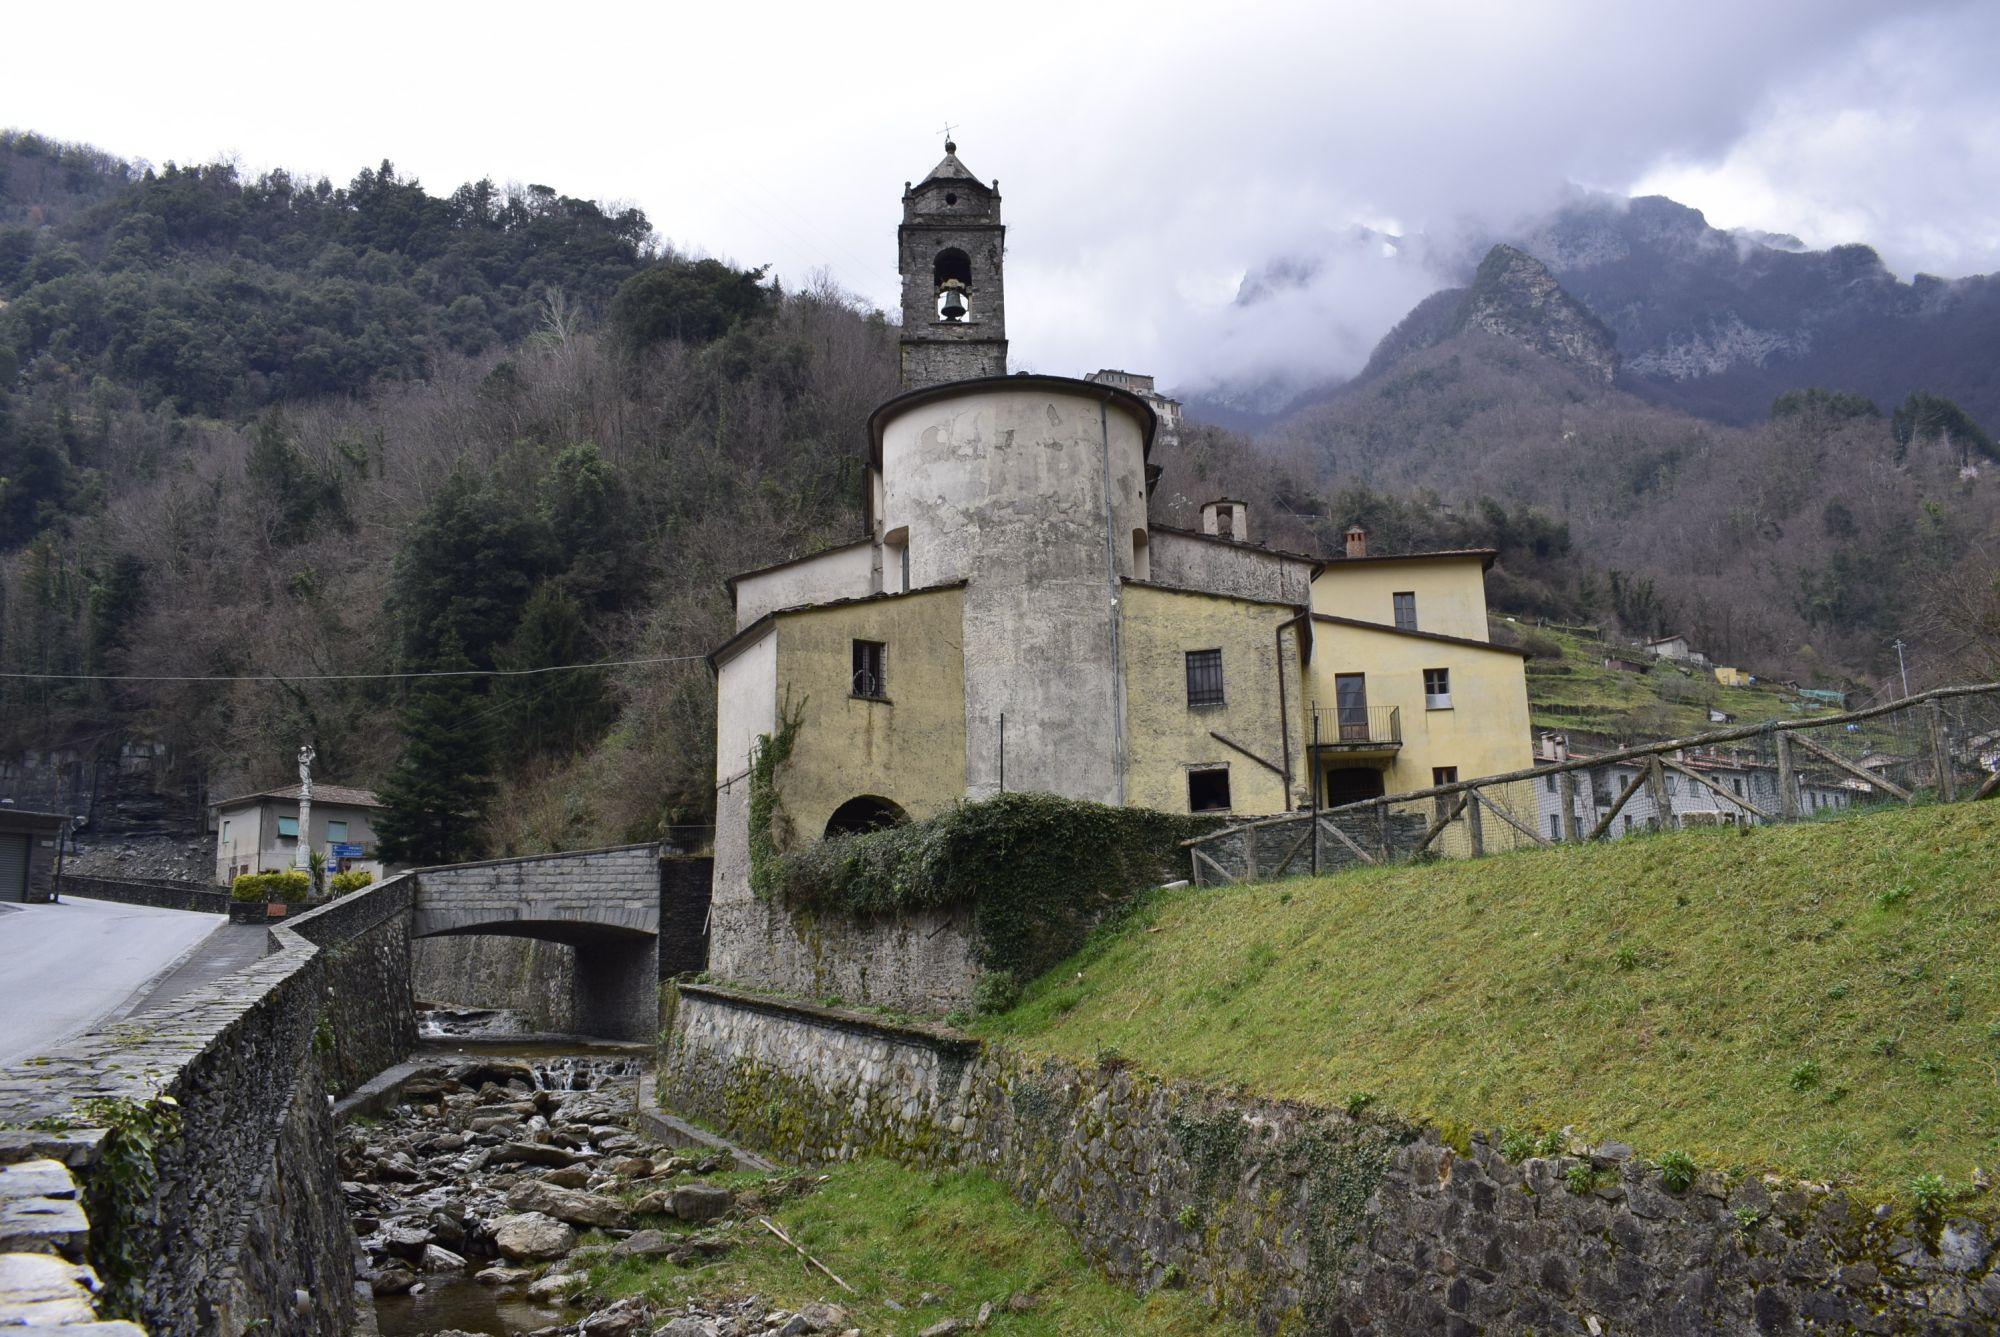 Alluvione Versilia-Garfagnana:  mostra e tanti eventi per ricordare la tragedia e la ricostruzione dopo 25 anni